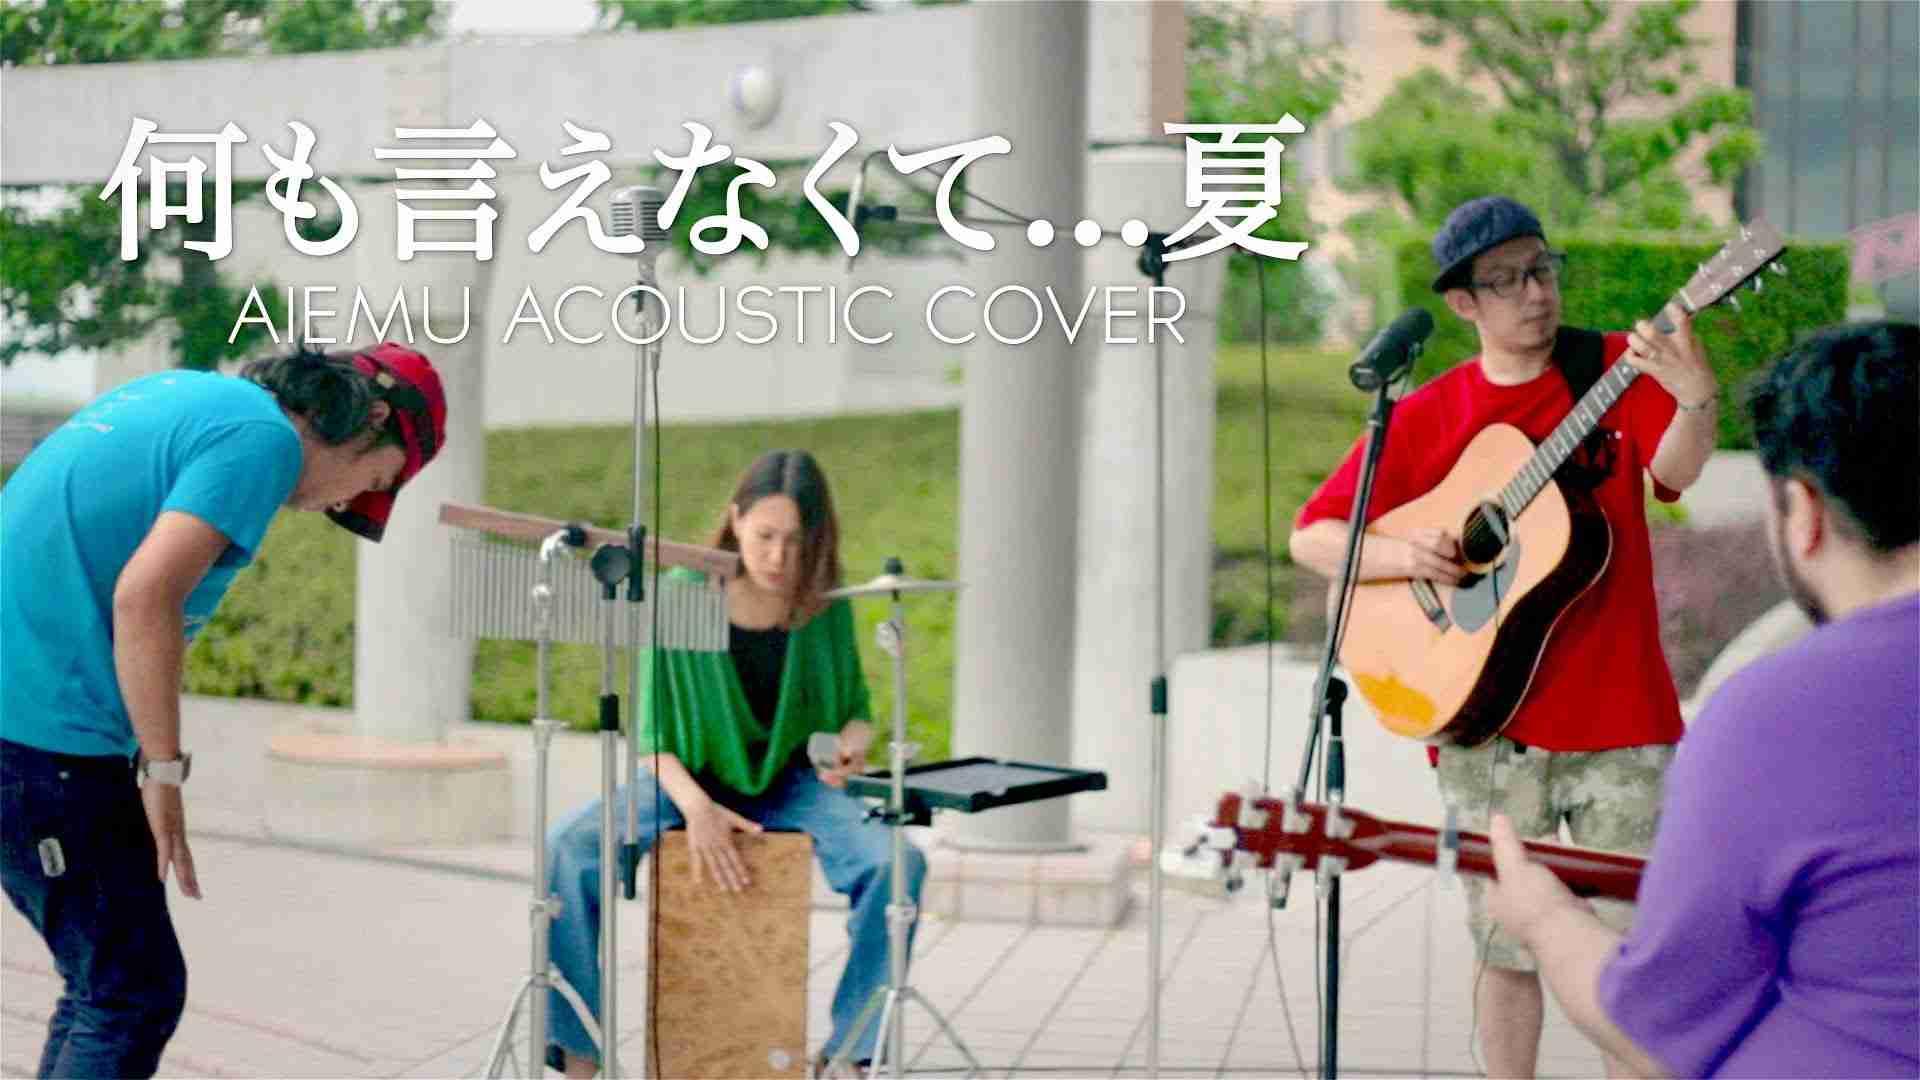 何も言えなくて...夏 - J-WALK(愛笑む acoustic cover) - YouTube